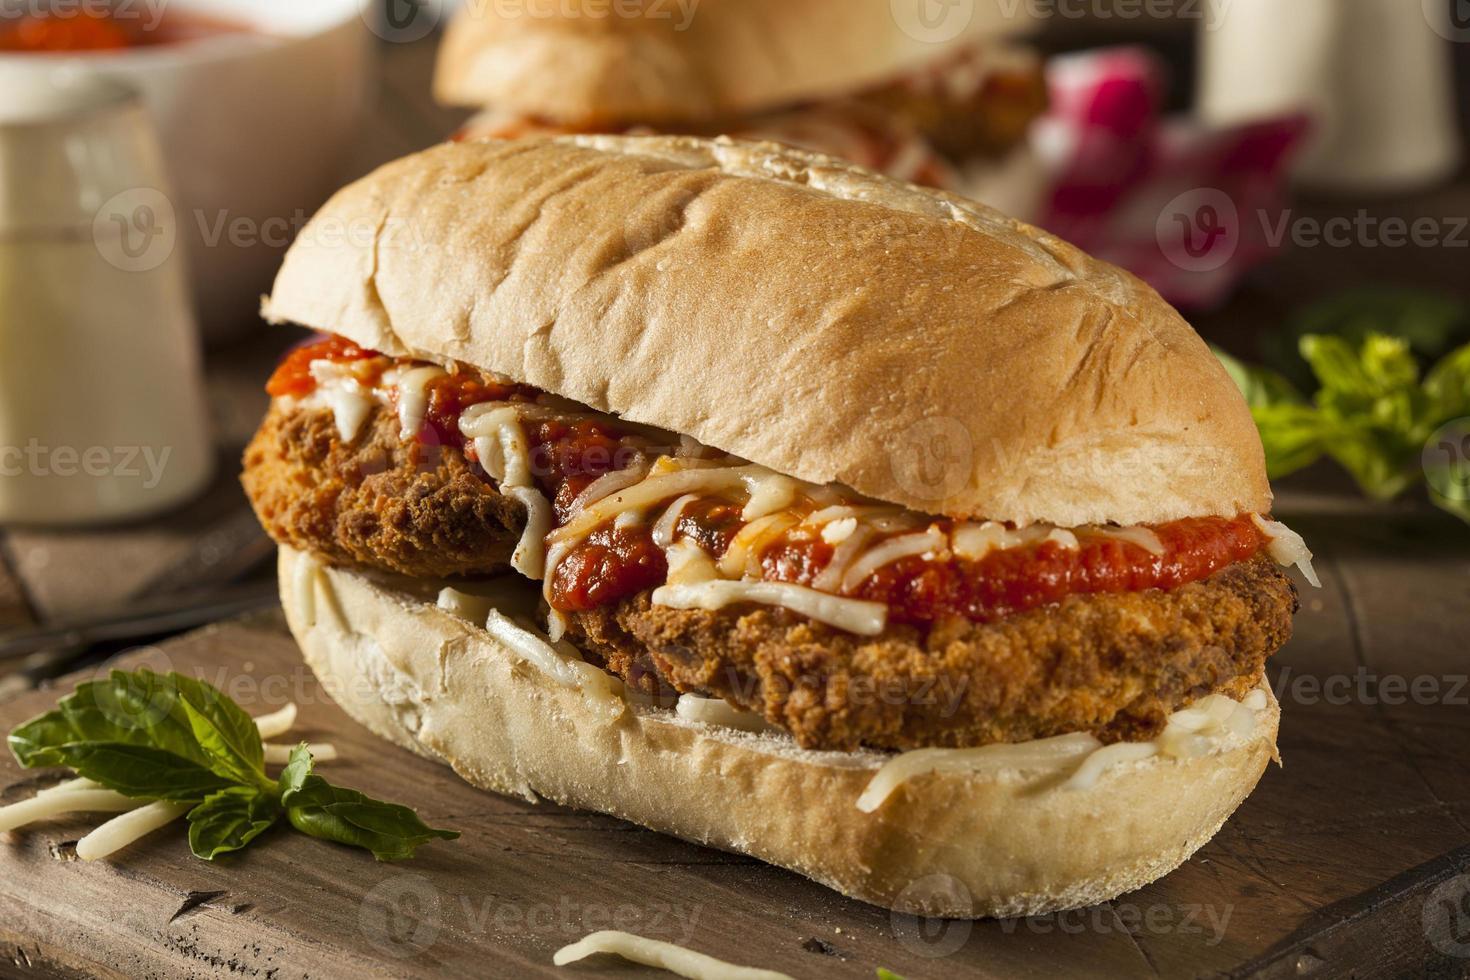 hjärtlig hemlagad kycklingparmesansmörgås foto